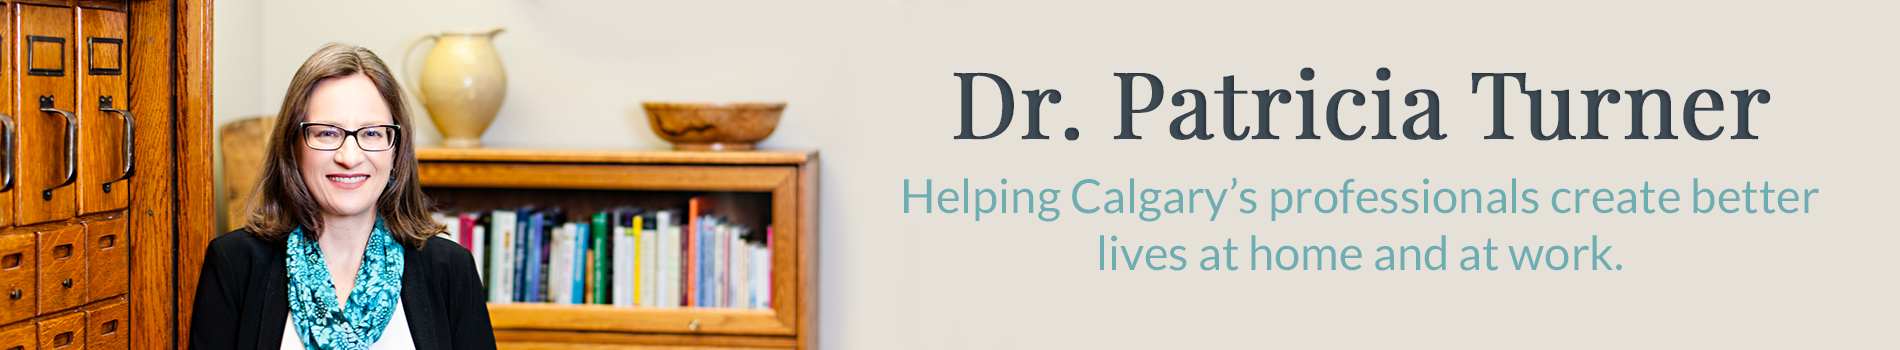 Dr. Patricia Turner header image